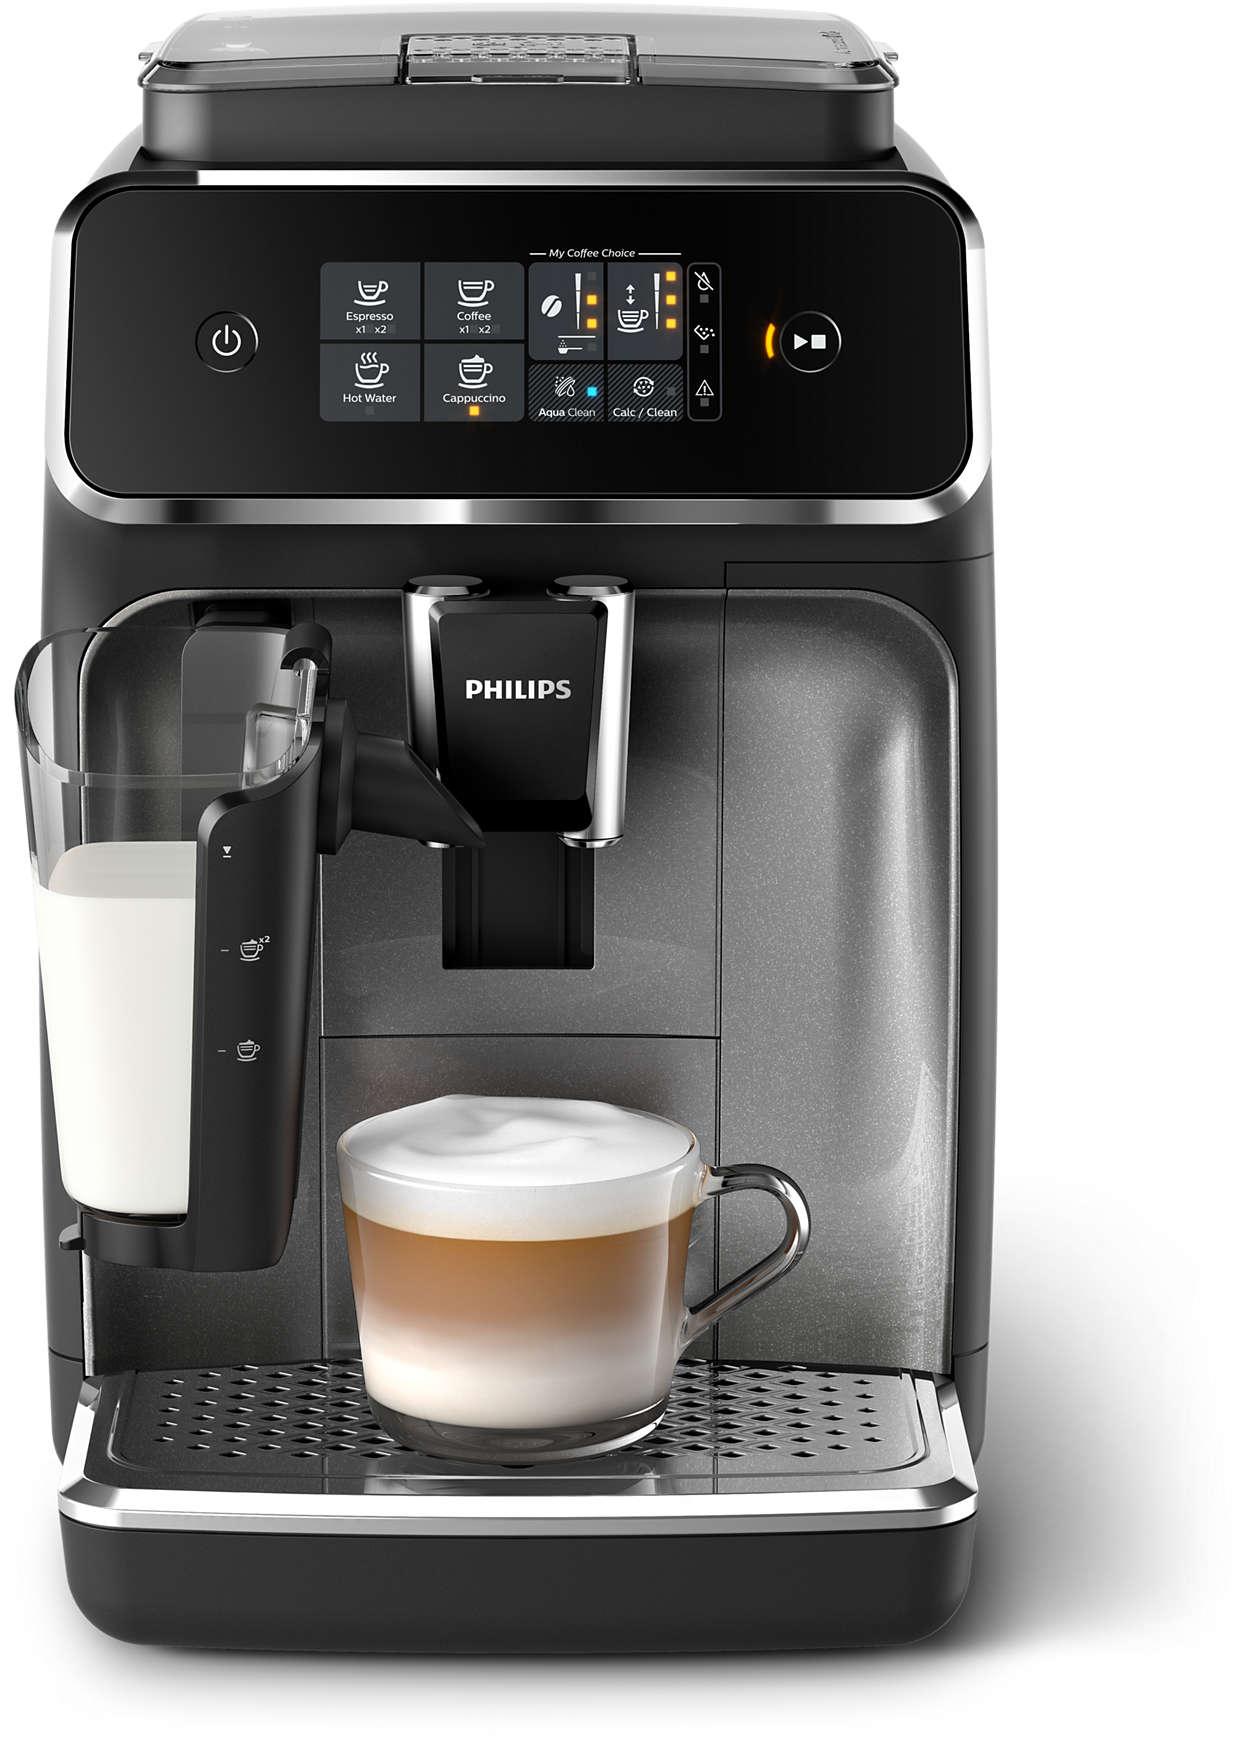 3 lahodné kávy zčerstvých zrn a snadněji než dříve